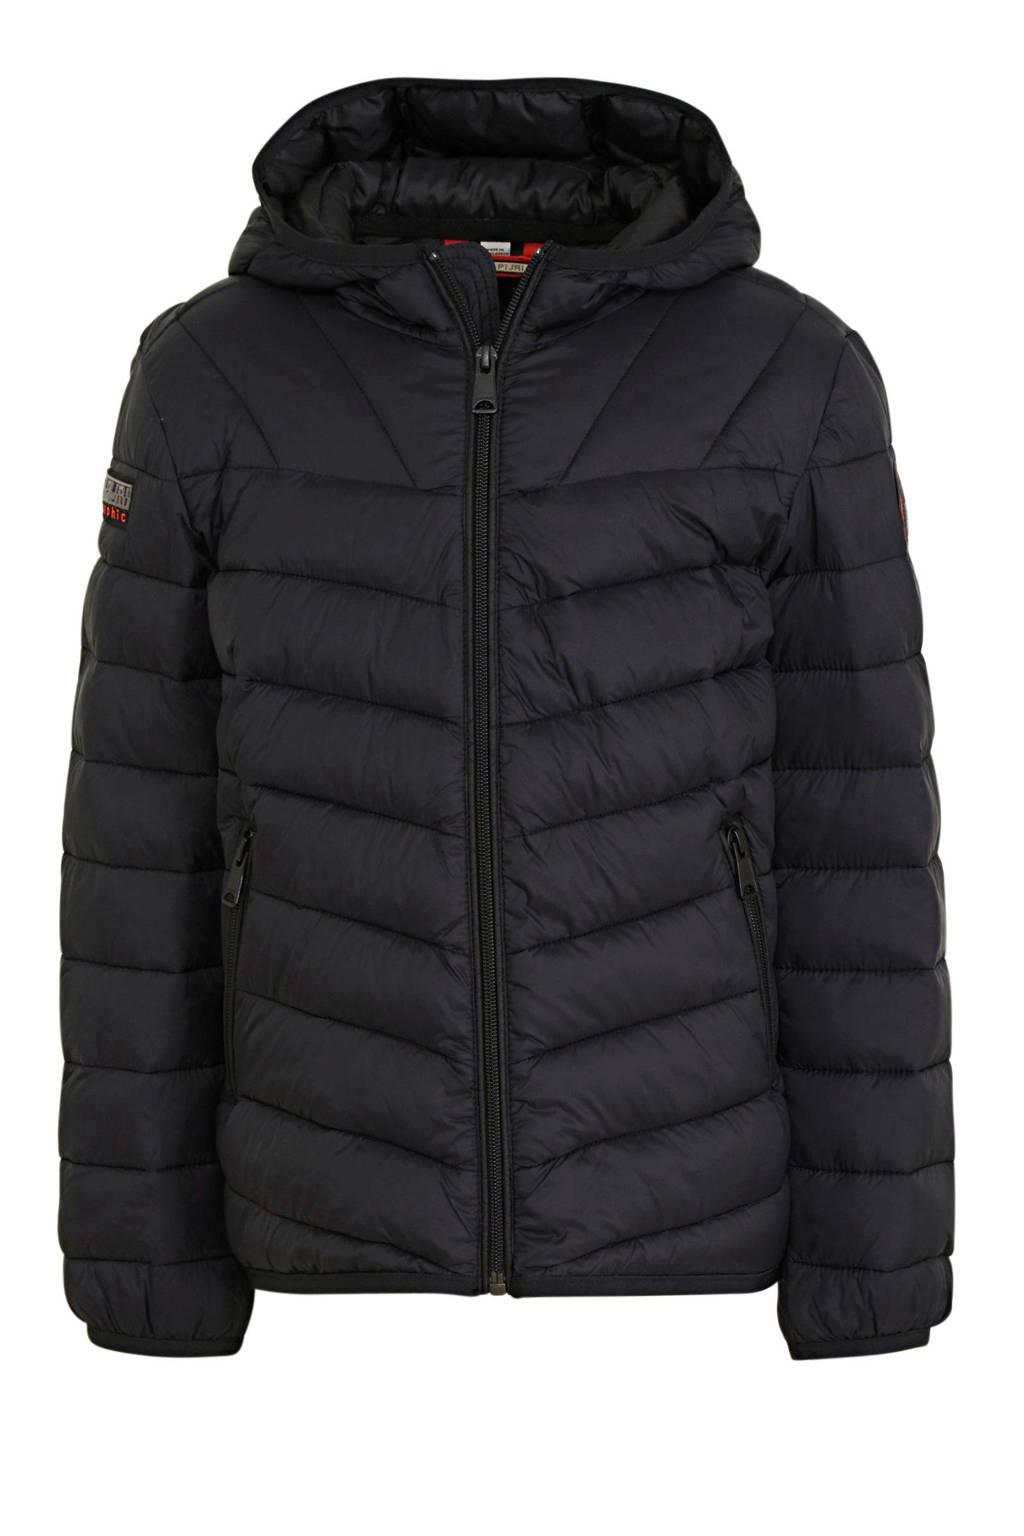 Napapijri gewatteerde winterjas Aerons zwart, Zwart